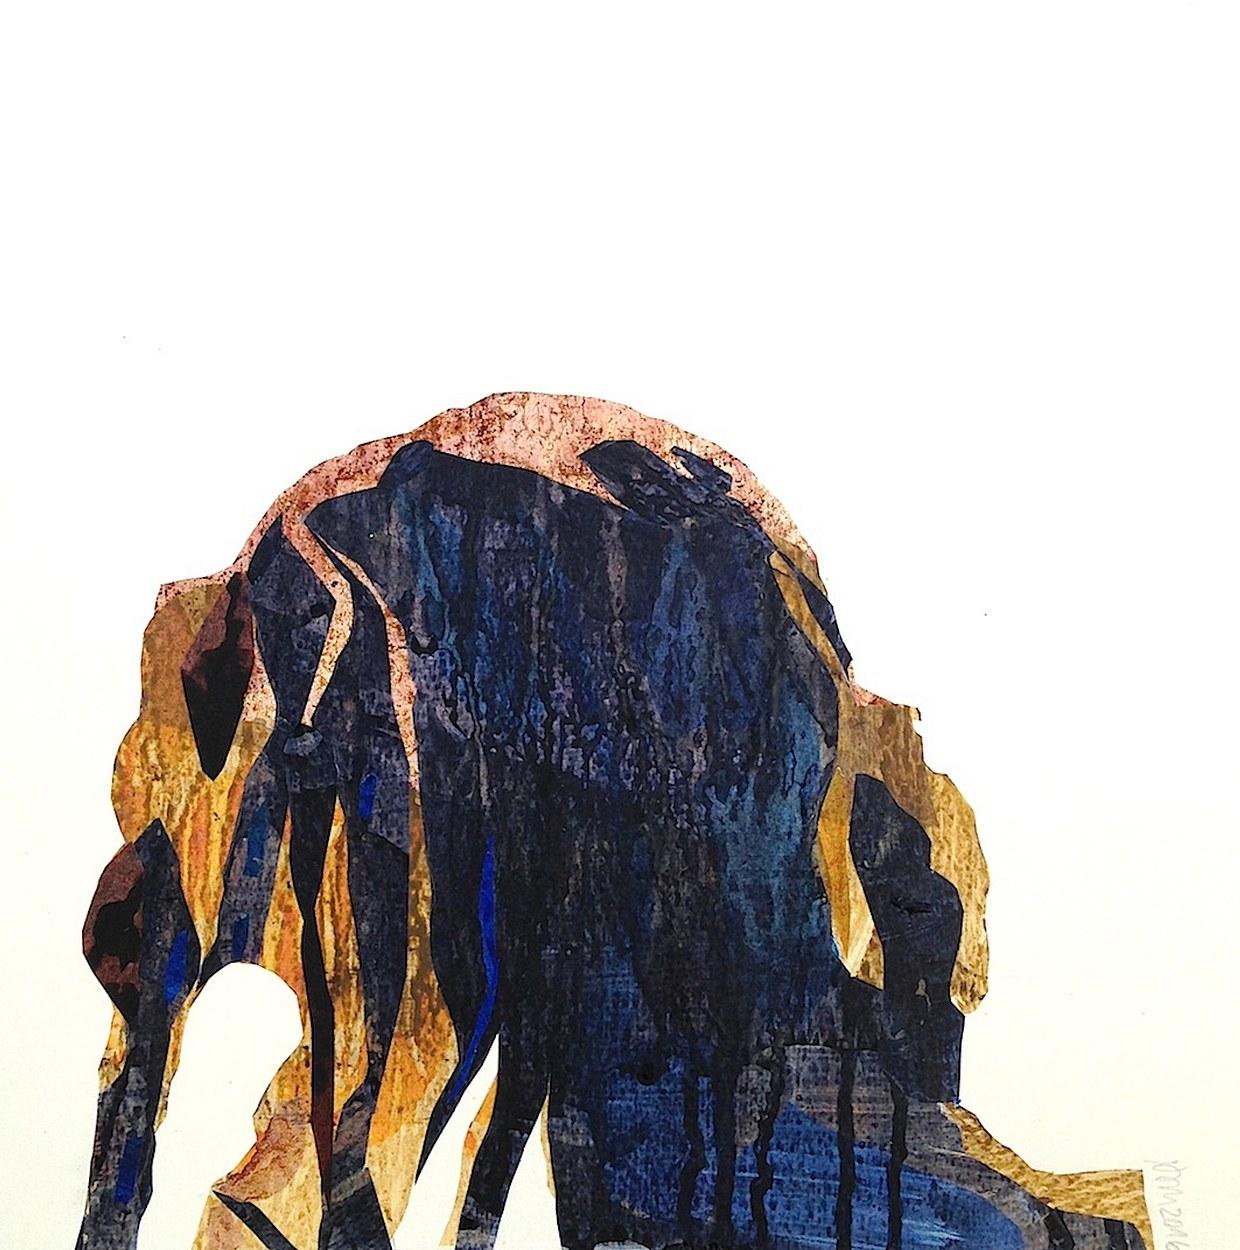 Rocher des éléphants, Tschad